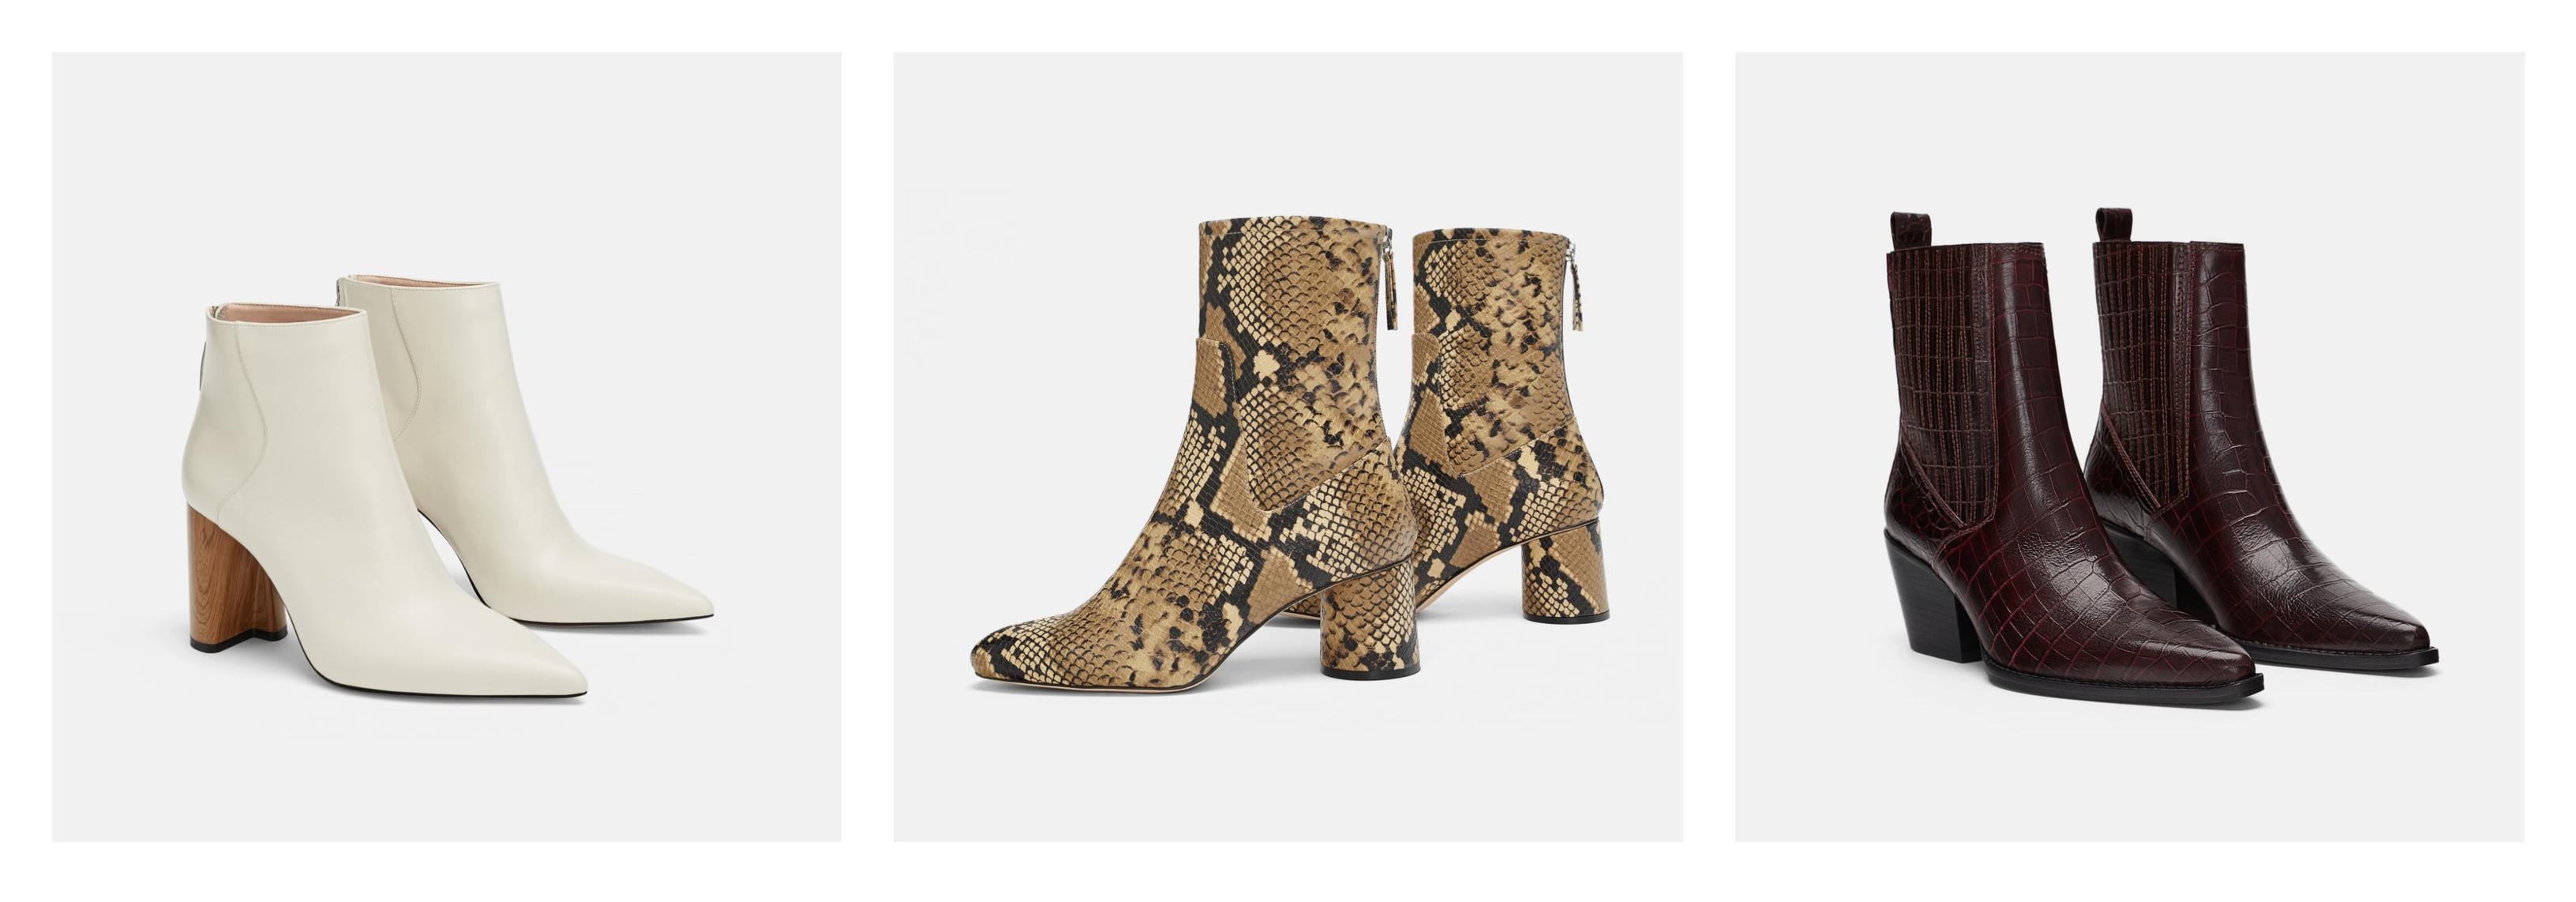 Zavirili smo u Zarinu ponudu i pronašli čizme baš za svaki stil!